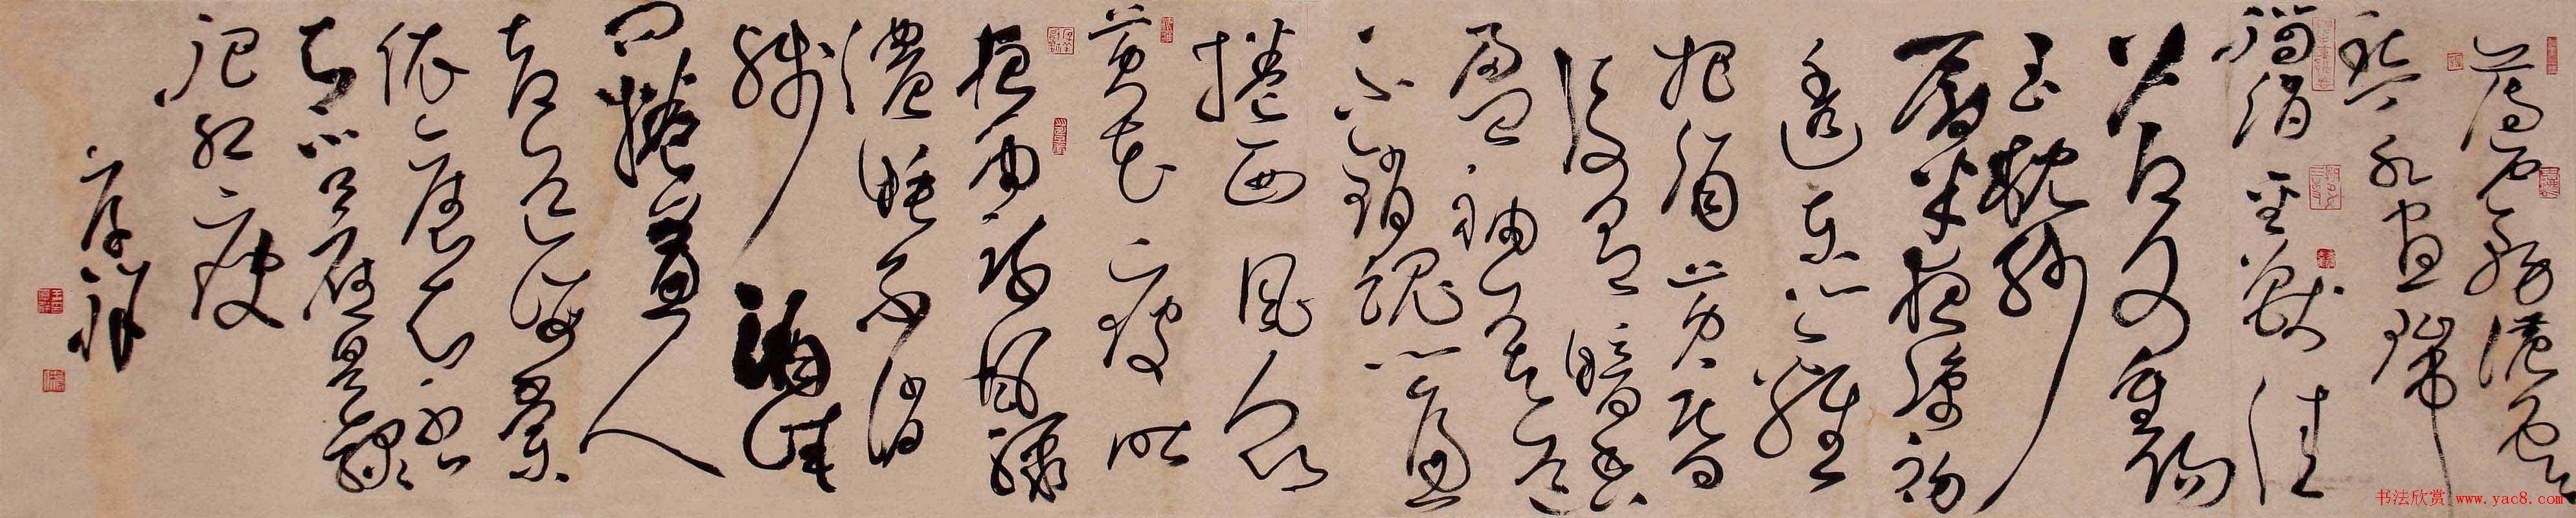 王厚祥书法草书作品欣赏 第15页 毛笔书法书法欣赏